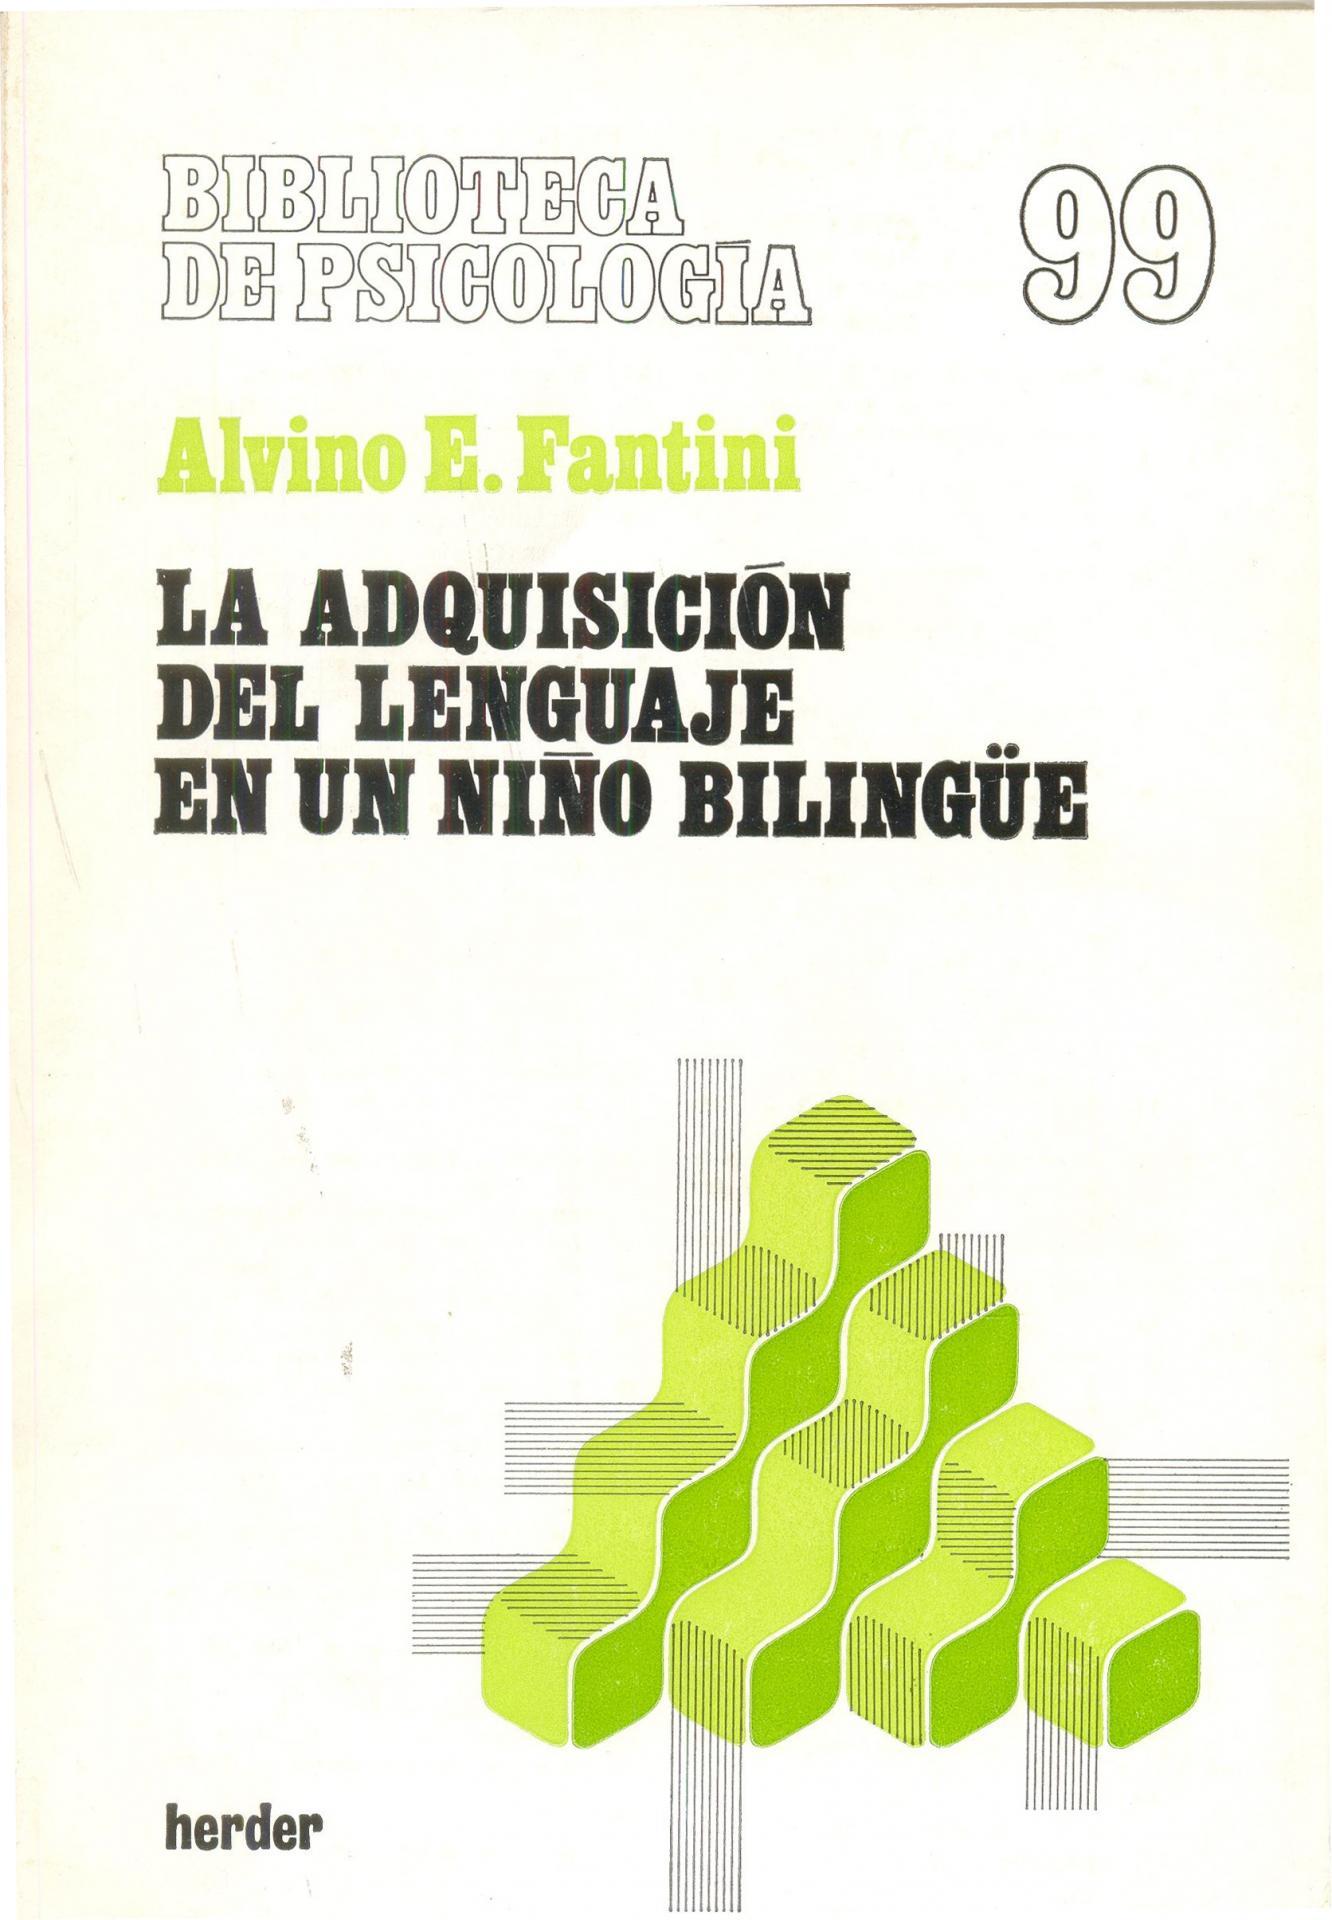 LA ADQUISICIÓN DEL LENGUAJE EN UN NIÑO BILINGÜE. Fantini, A.E.